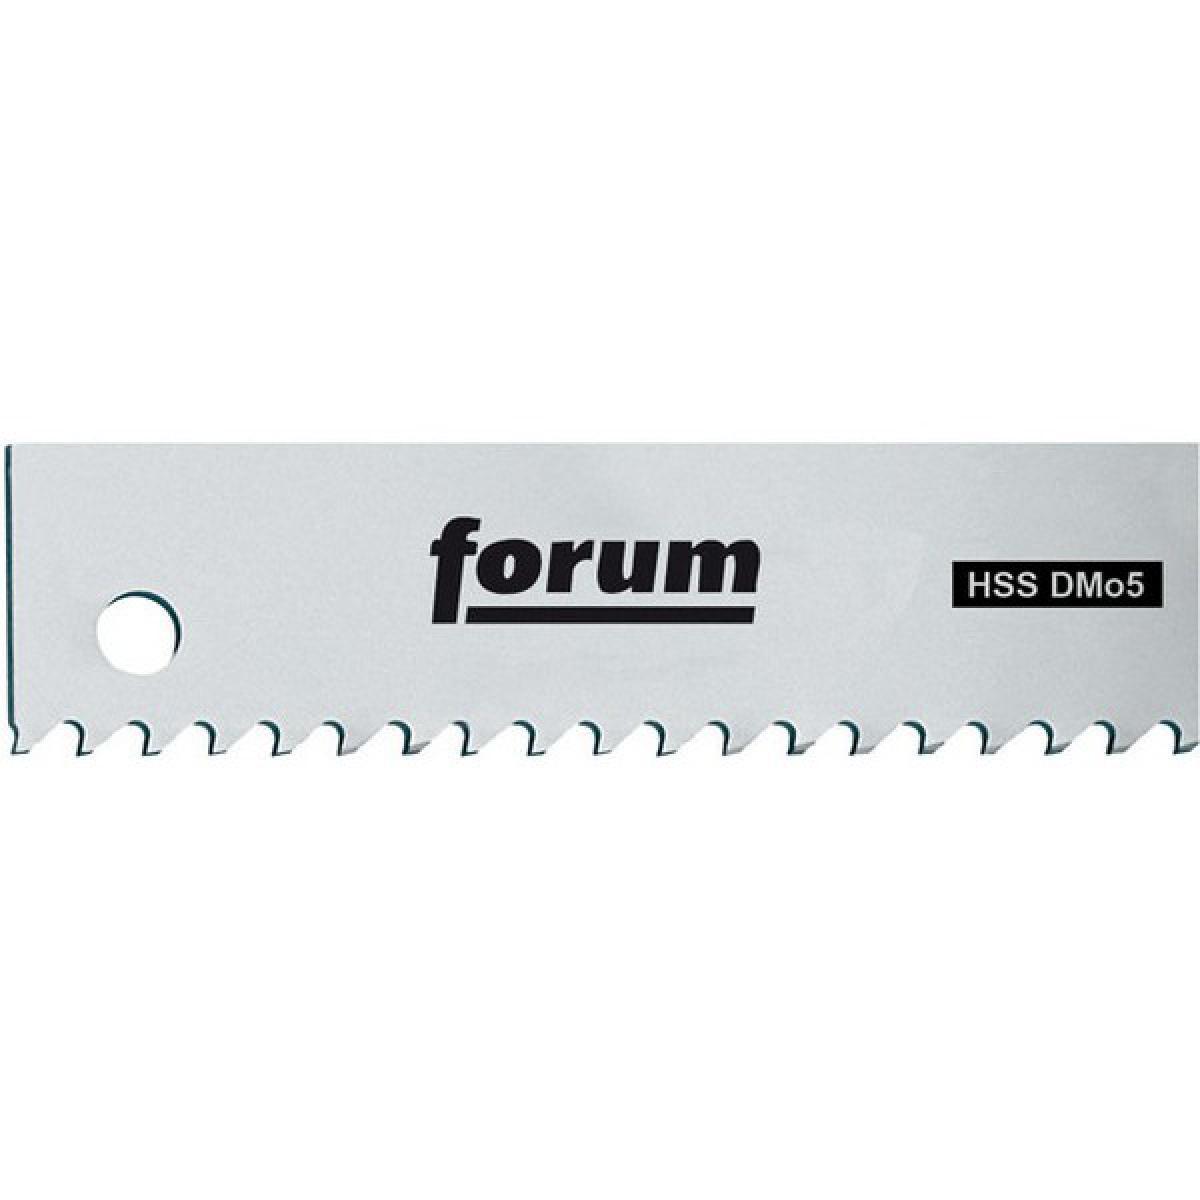 Forum Lame de scie alternative, Long. : 500 mm, Larg. : 50 mm, Épais. : 2,5 mm, Dents par pouce : 4